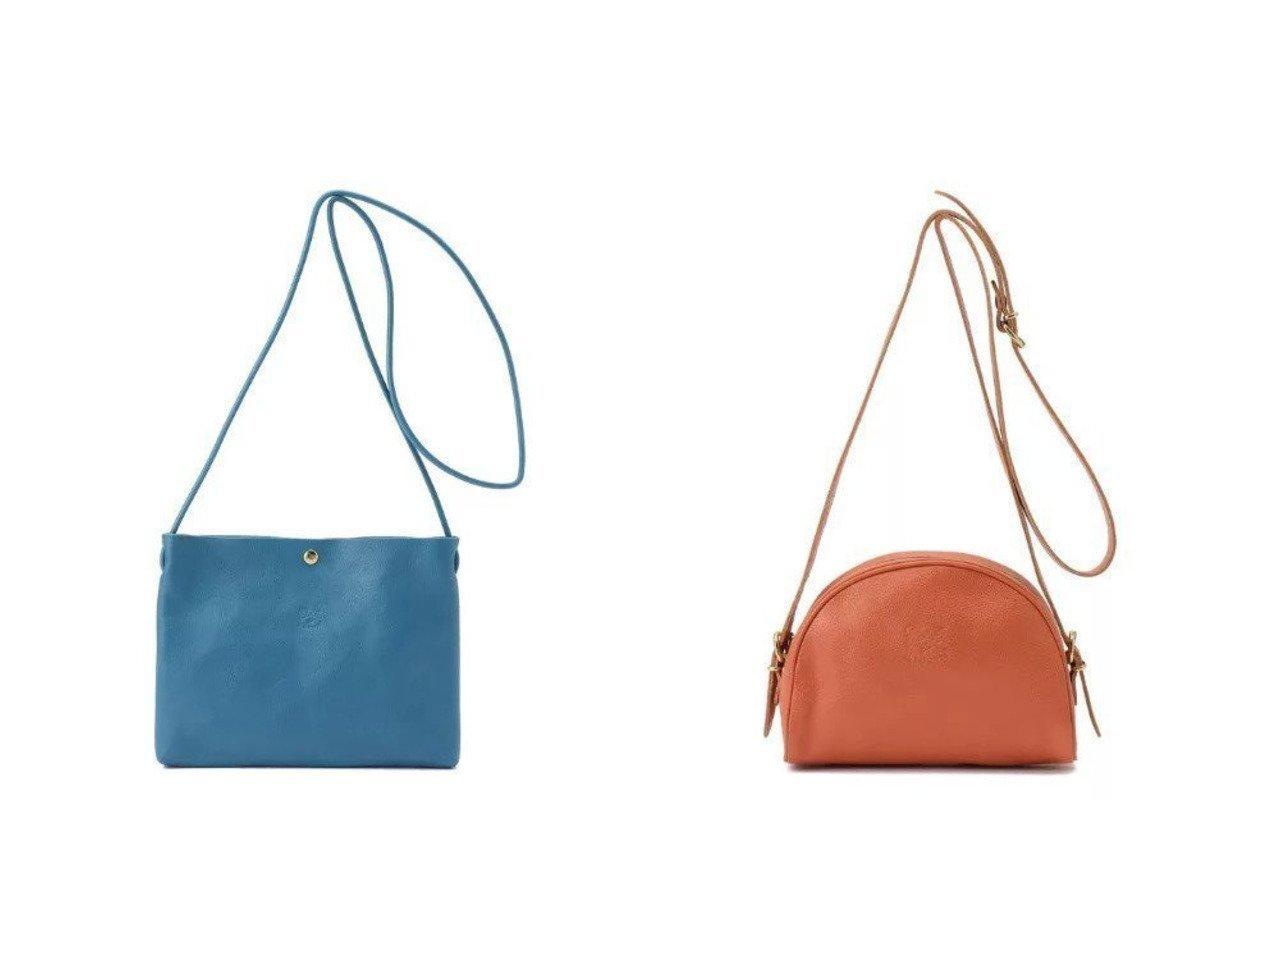 【IL BISONTE/イル ビゾンテ】のクロスボディバッグ&クロスボディバッグ 【バッグ・鞄】おすすめ!人気、トレンド・レディースファッションの通販 おすすめで人気の流行・トレンド、ファッションの通販商品 インテリア・家具・メンズファッション・キッズファッション・レディースファッション・服の通販 founy(ファニー) https://founy.com/ ファッション Fashion レディースファッション WOMEN バッグ Bag メタル ジップ フォルム フロント  ID:crp329100000065093